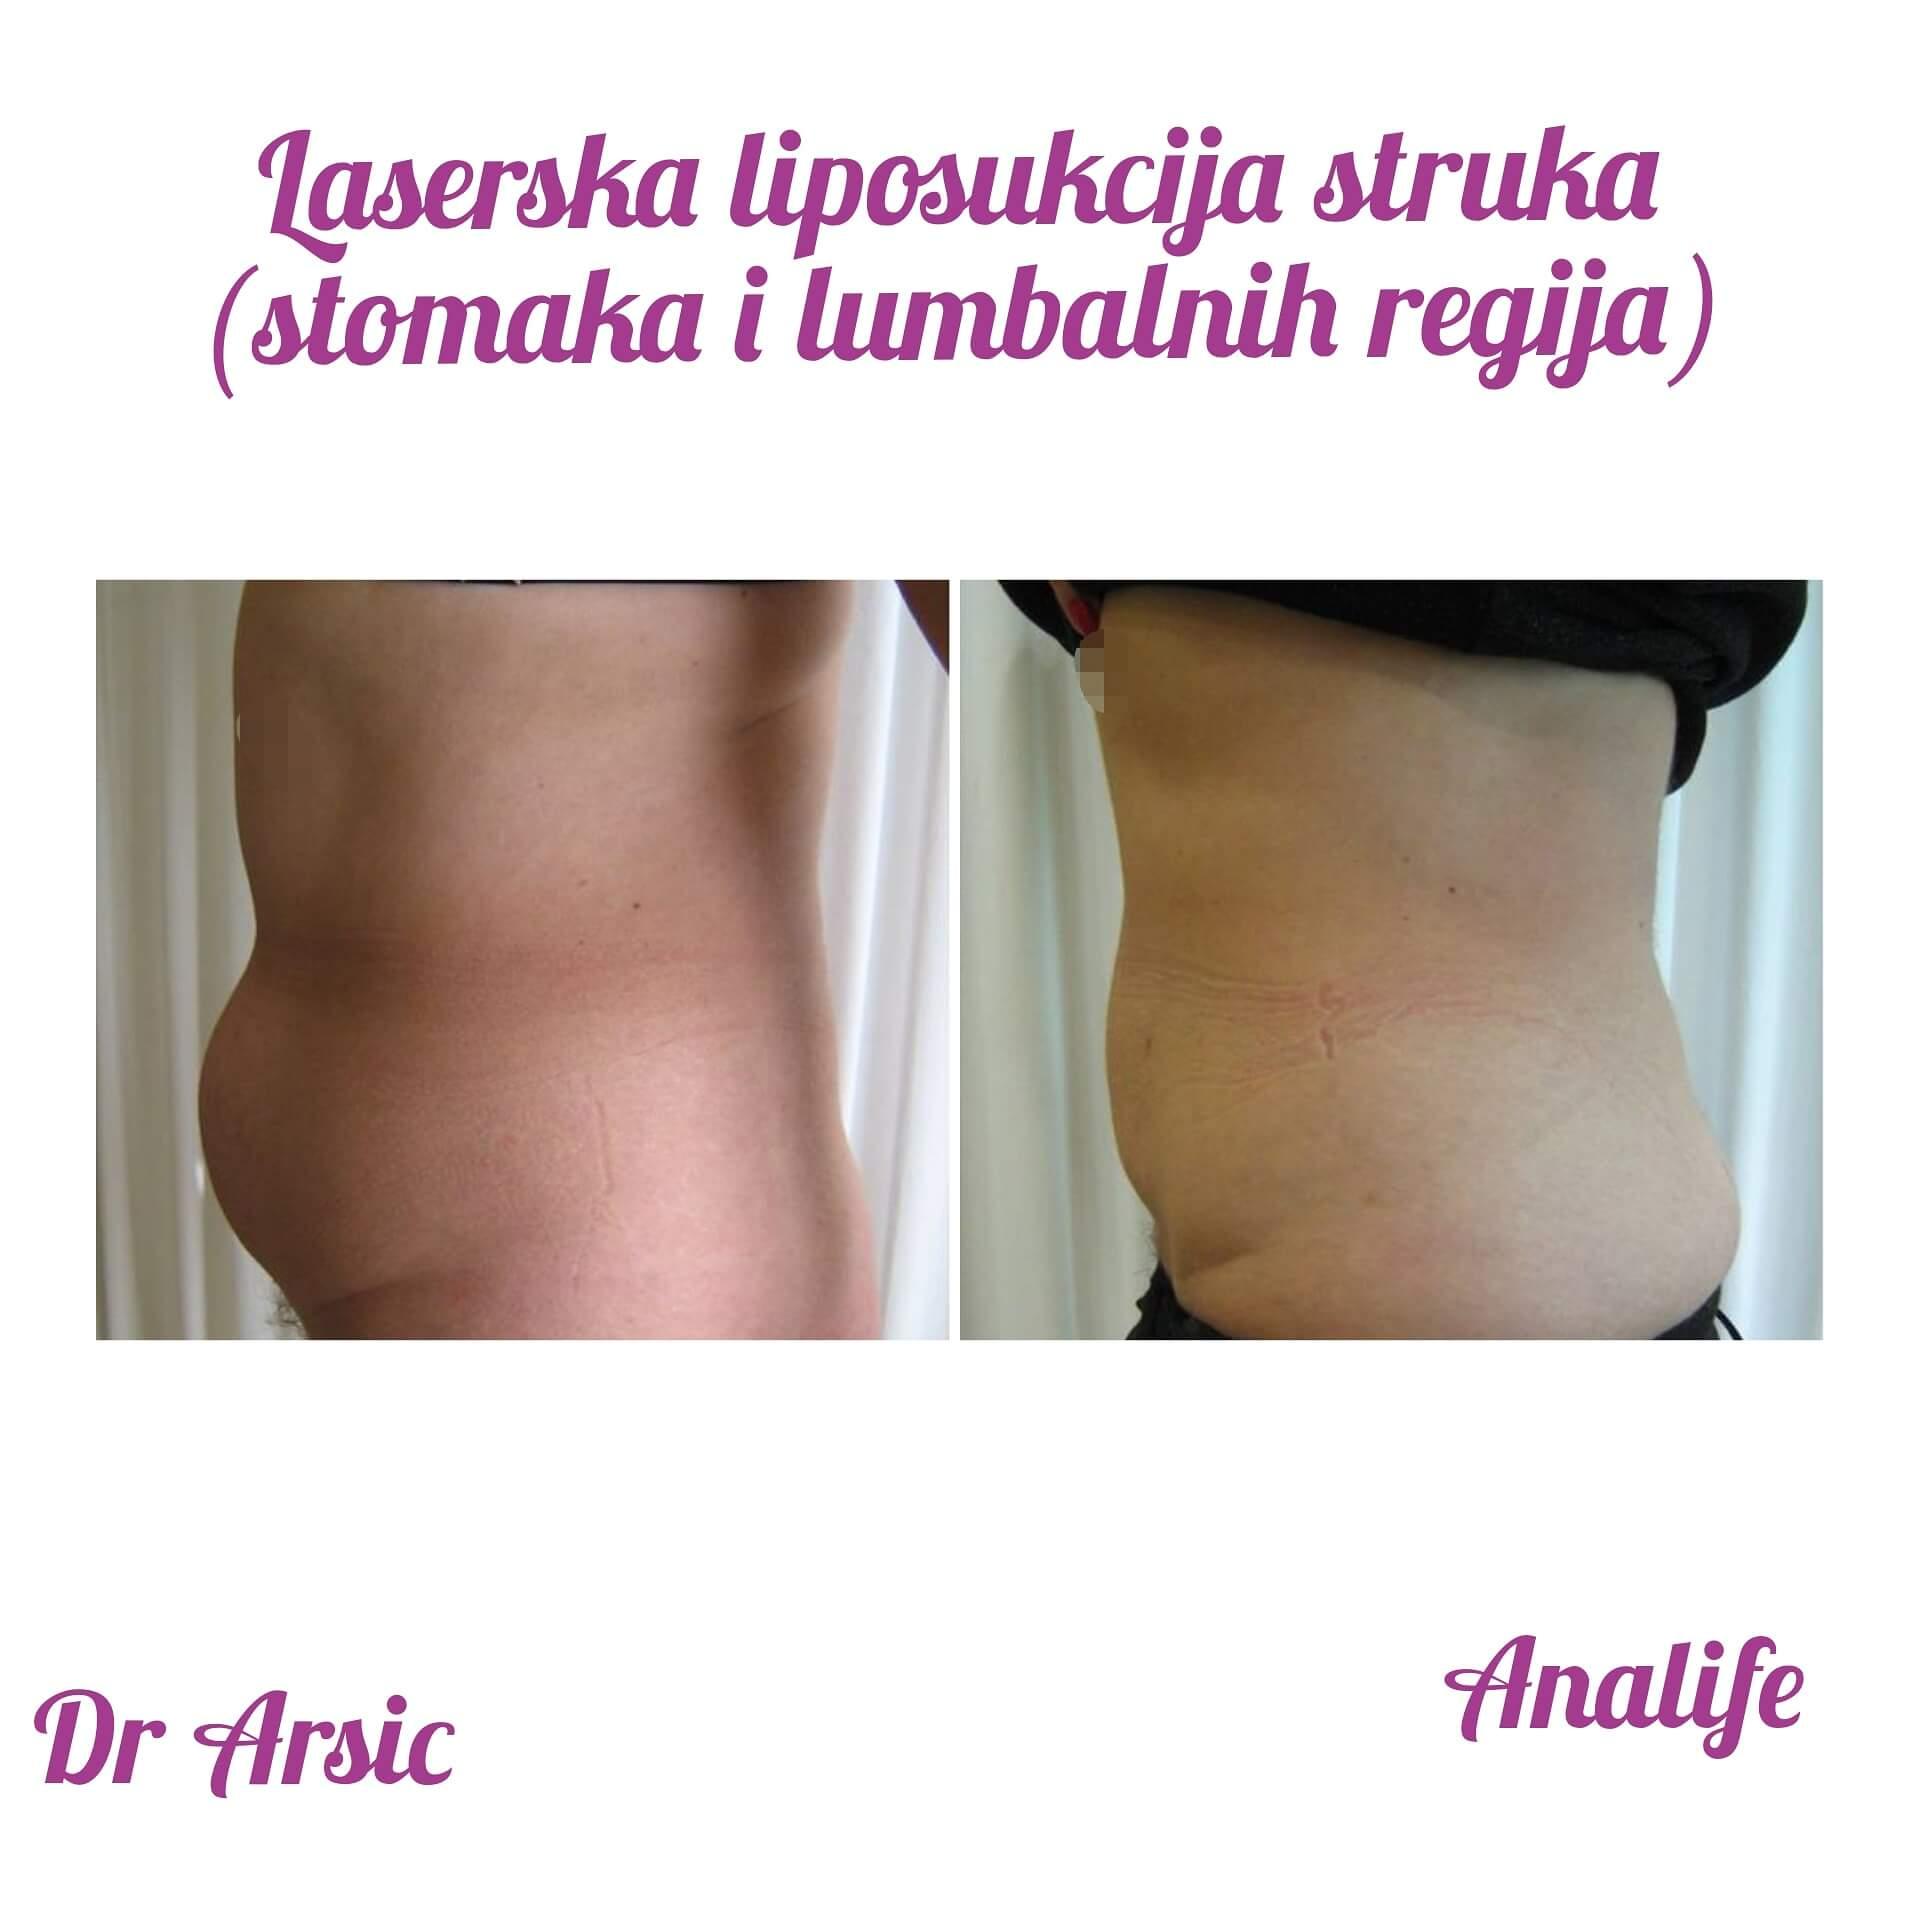 Laserska liposukcija - Brže vreme oporavka, dodatna sigurnost za pacijenta, superiorniji rezultati!